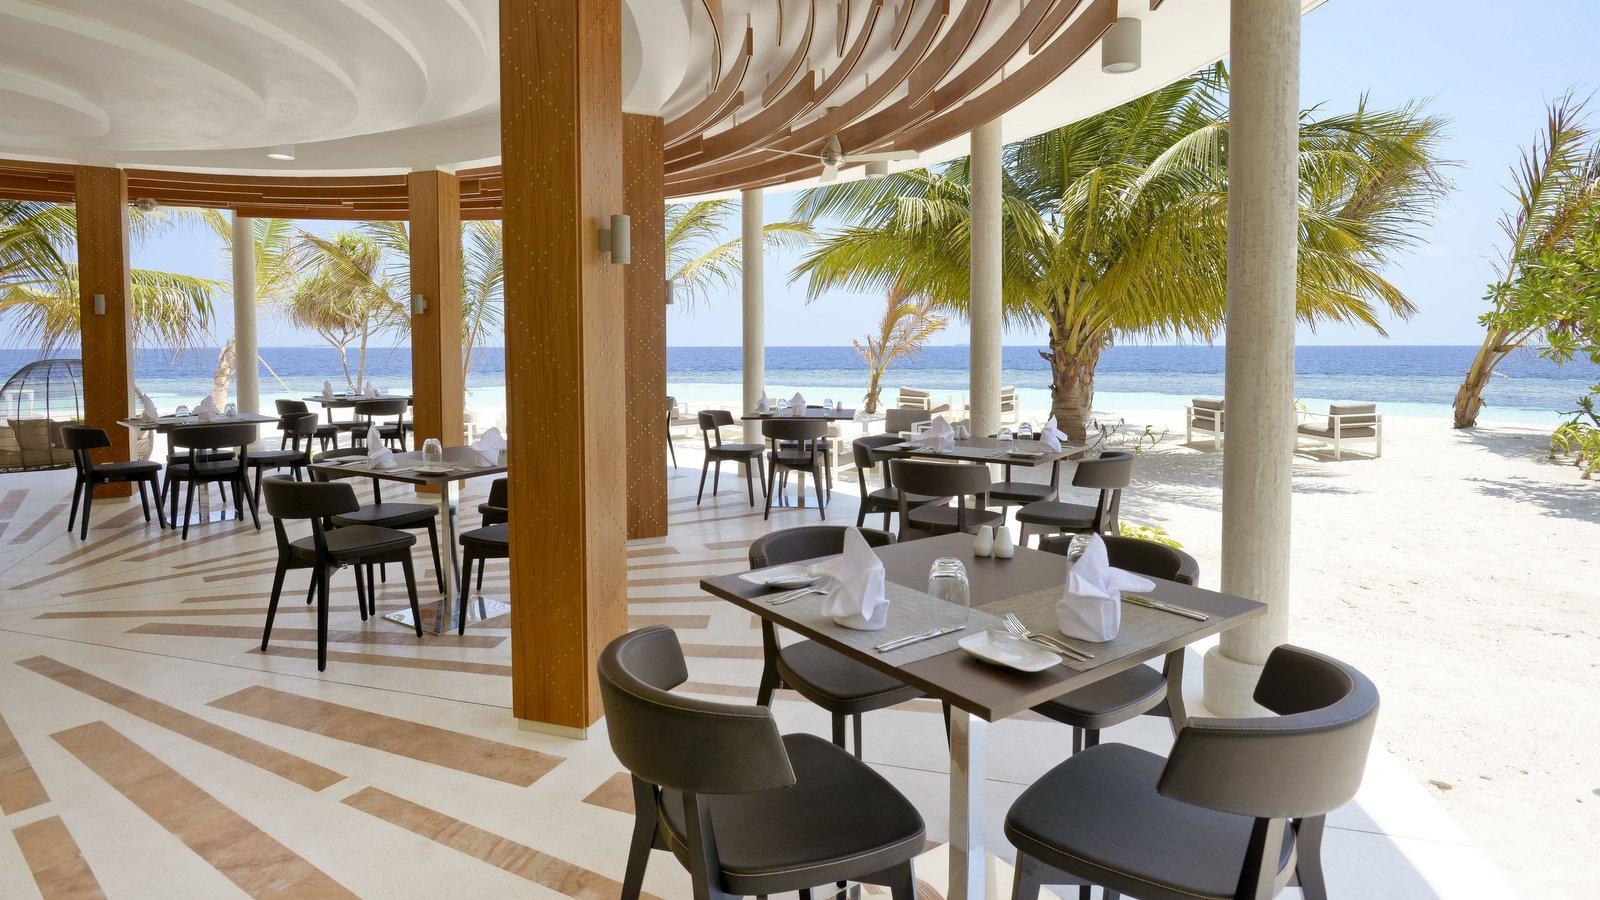 Мальдивы, отель Kandolhu Maldives, ресторан Sea Grill